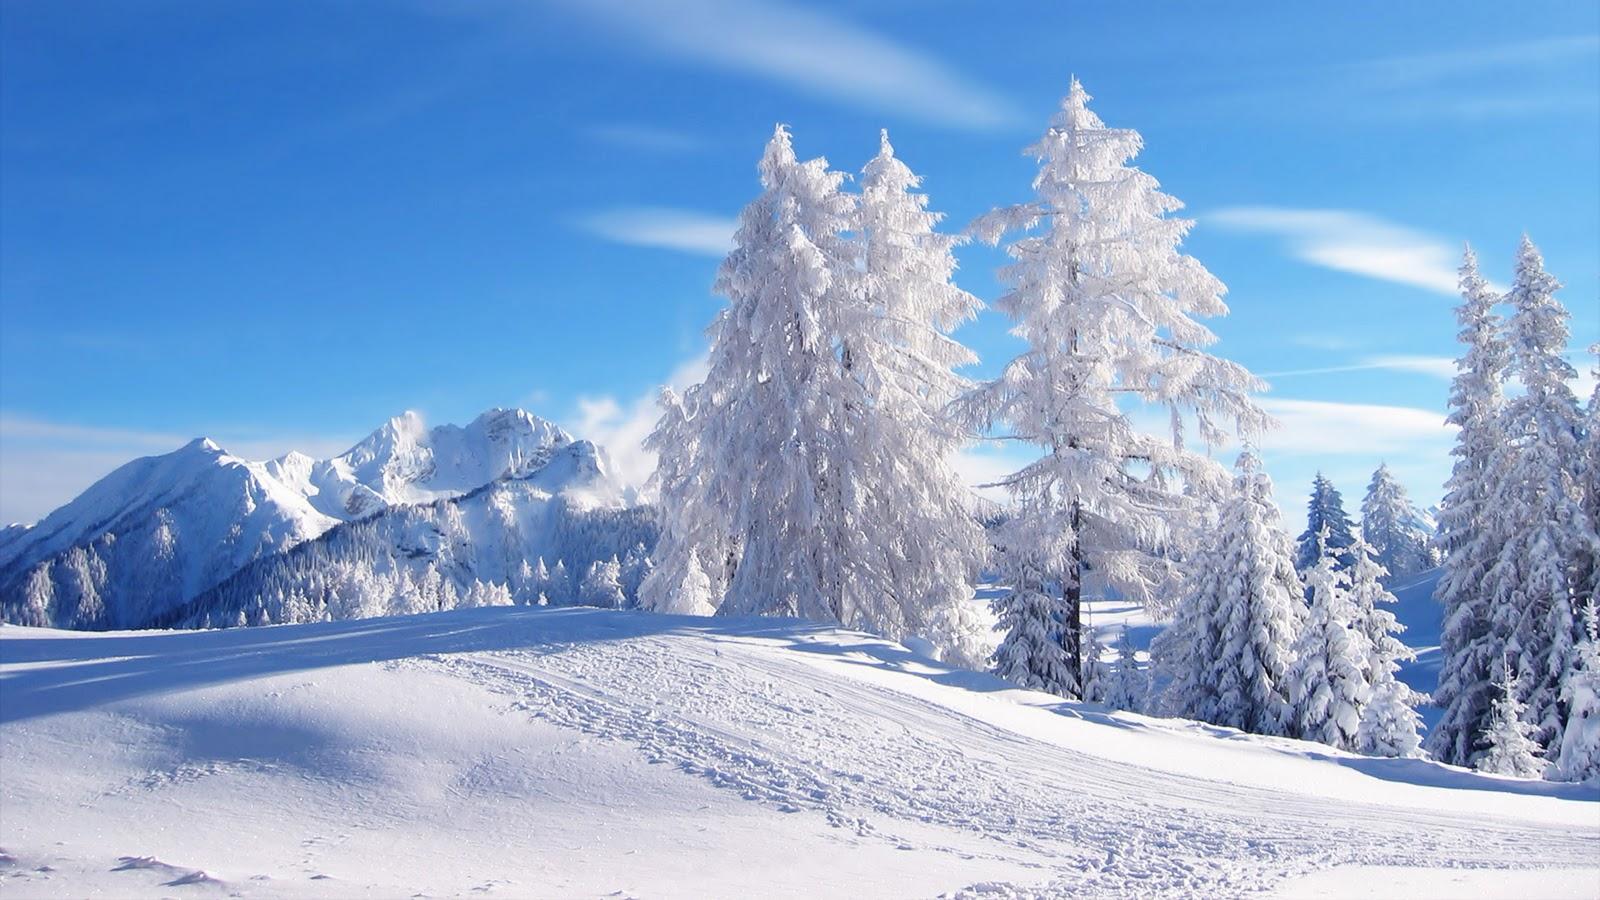 Winter Scene Poster Wallpaper Art Zeromin0 1600x900